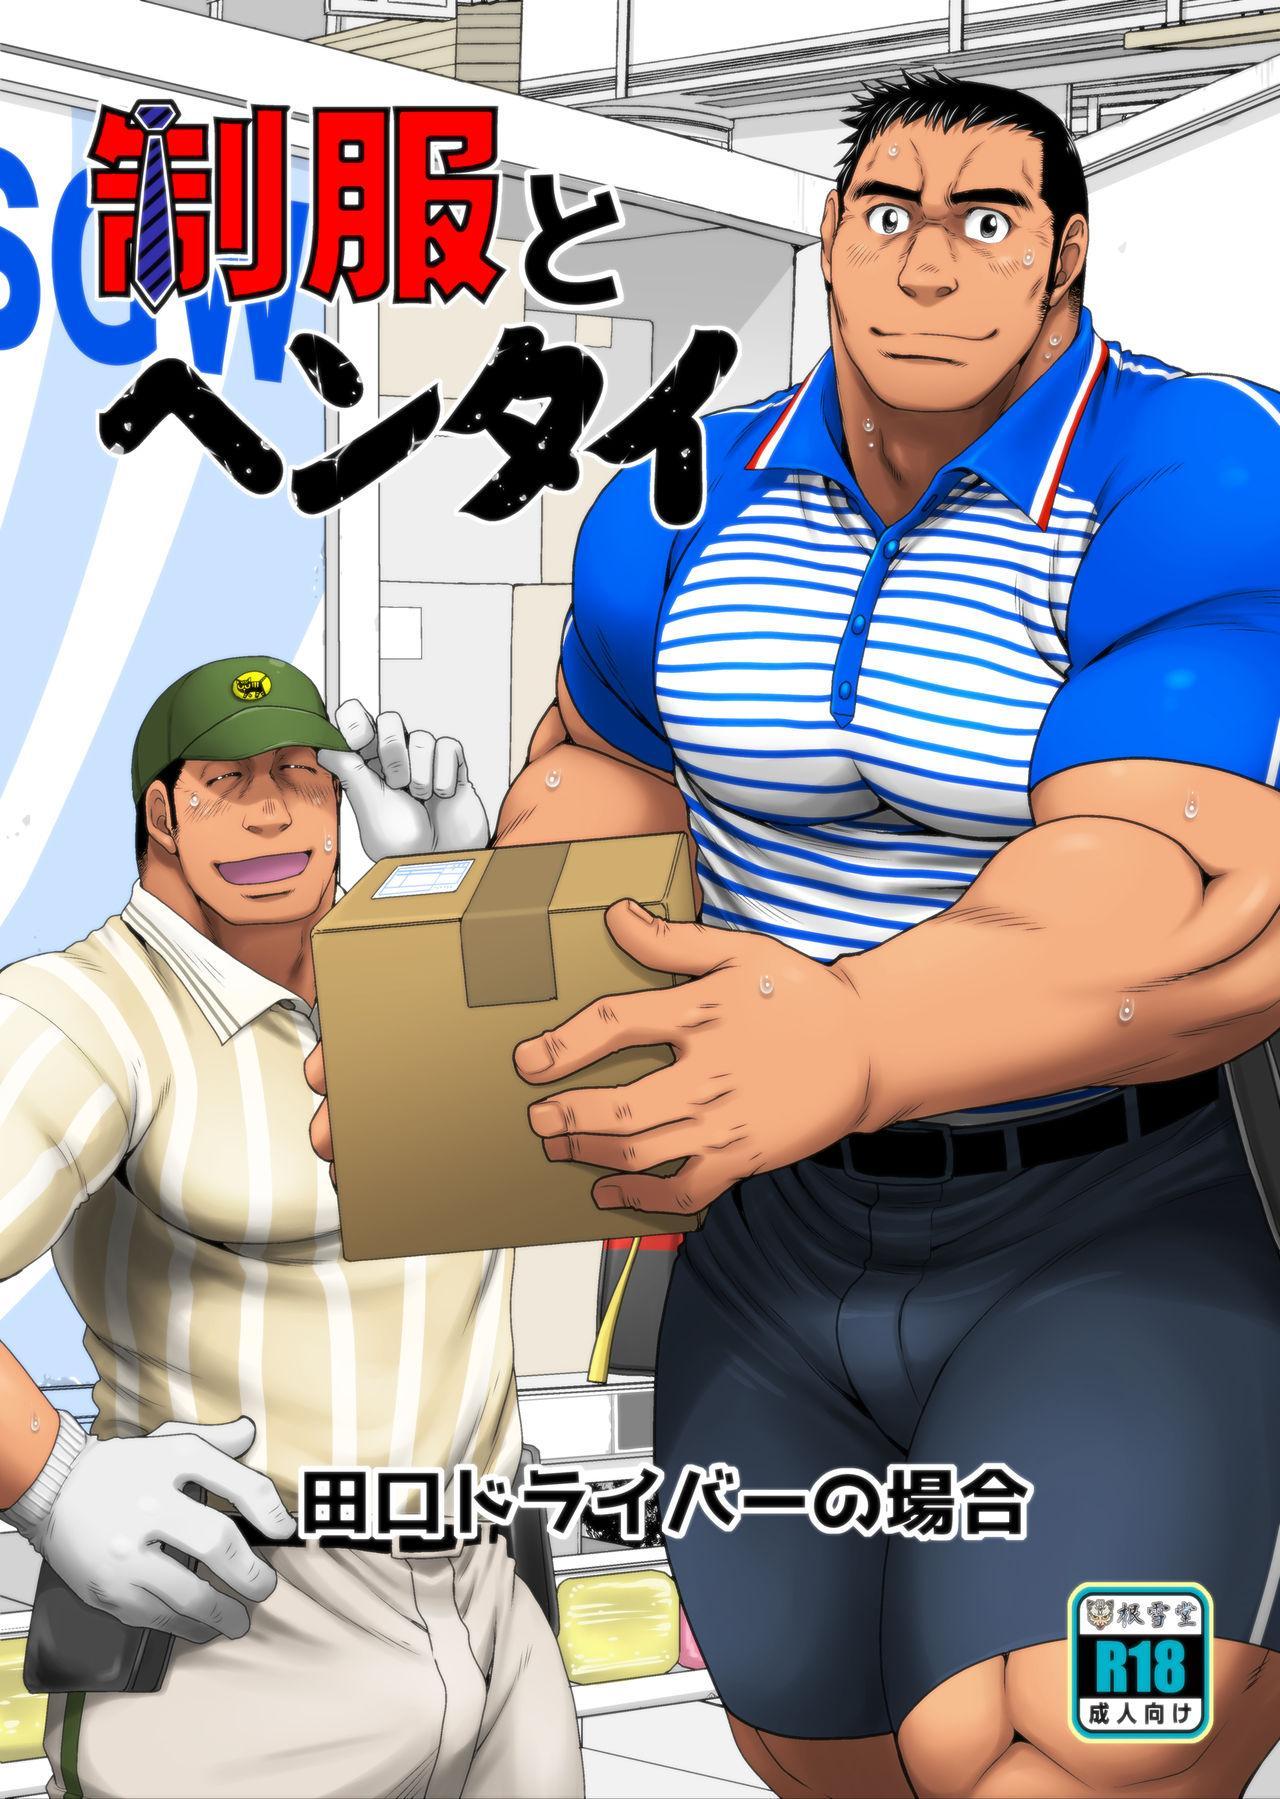 Seifuku to Hentai - Taguchi Driver no Baai 0